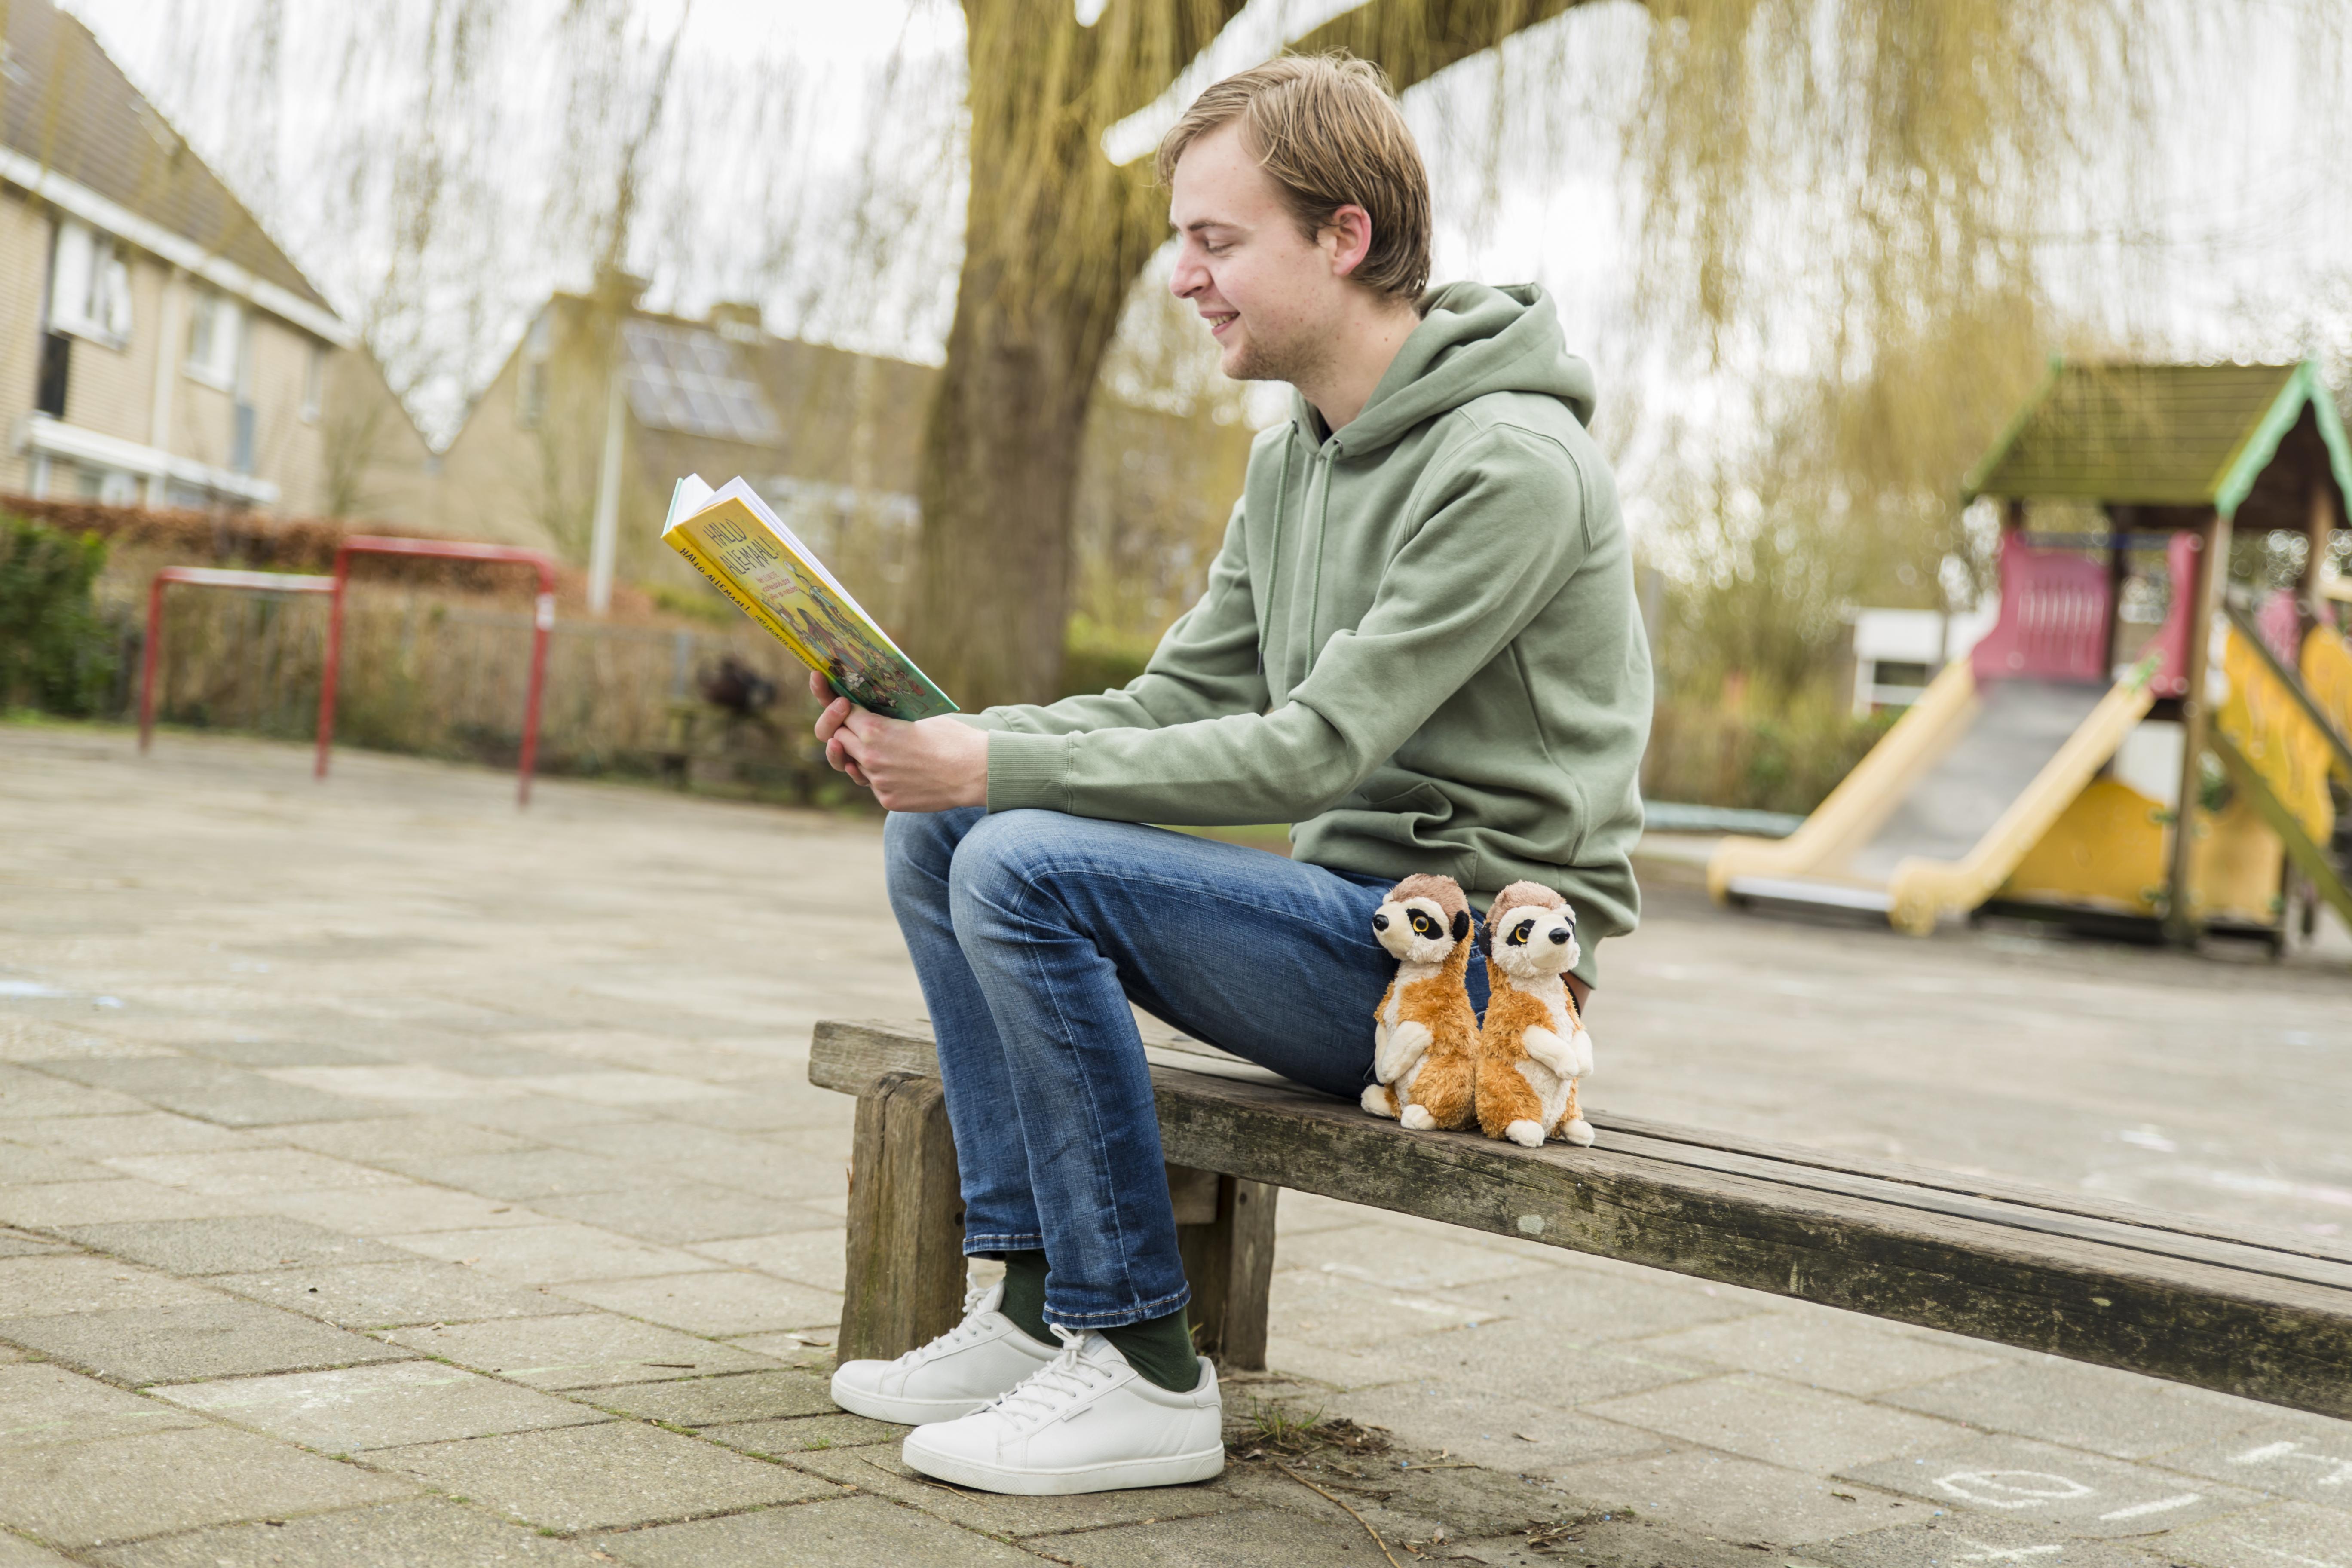 Meester Thomas uit Roelofarendsveen werkte in het geheim mee aan een voorleesboek. Zijn boodschap: 'Ga op avontuur, wees nieuwsgierig'